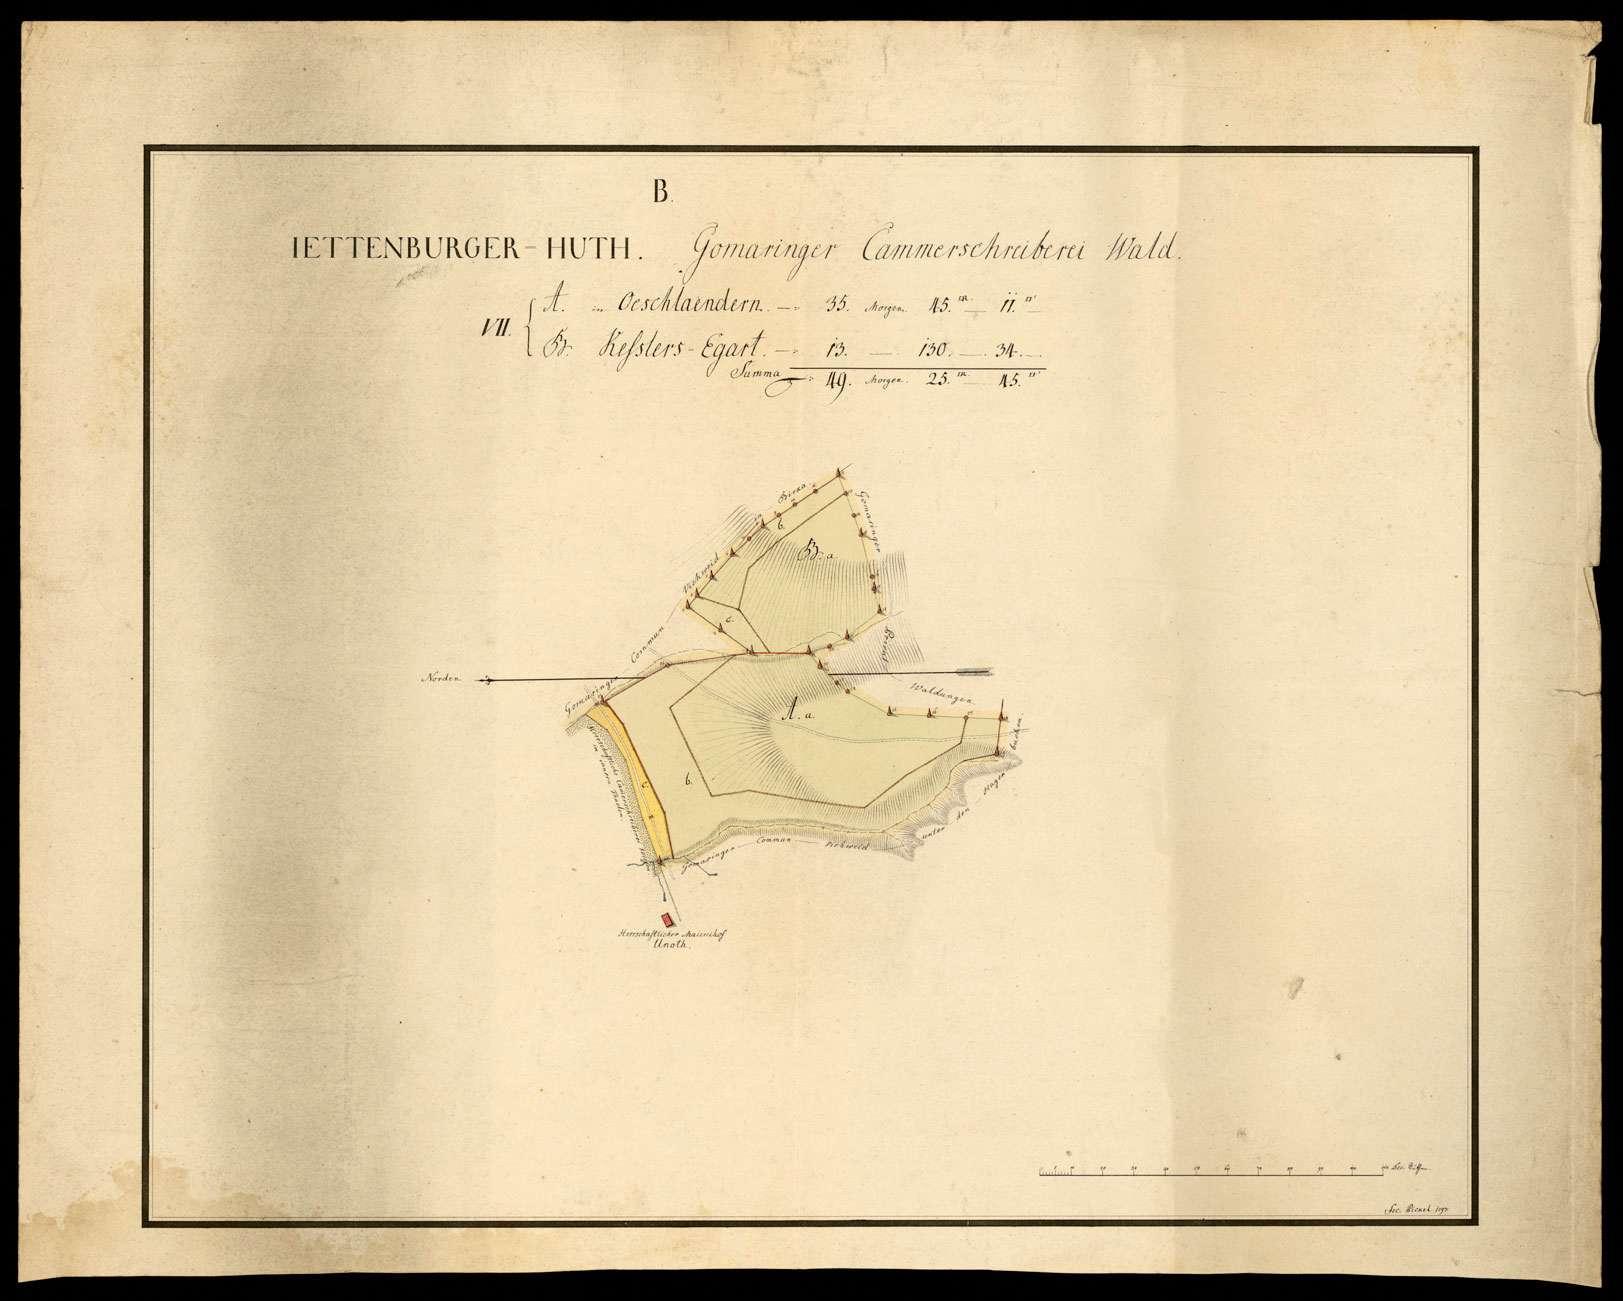 """""""Jettenburger Hut: Gomaringer Kammerschreiberei Waldungen"""" [B VII. A Öschländer, B. Kesslers-Egart], Bild 1"""